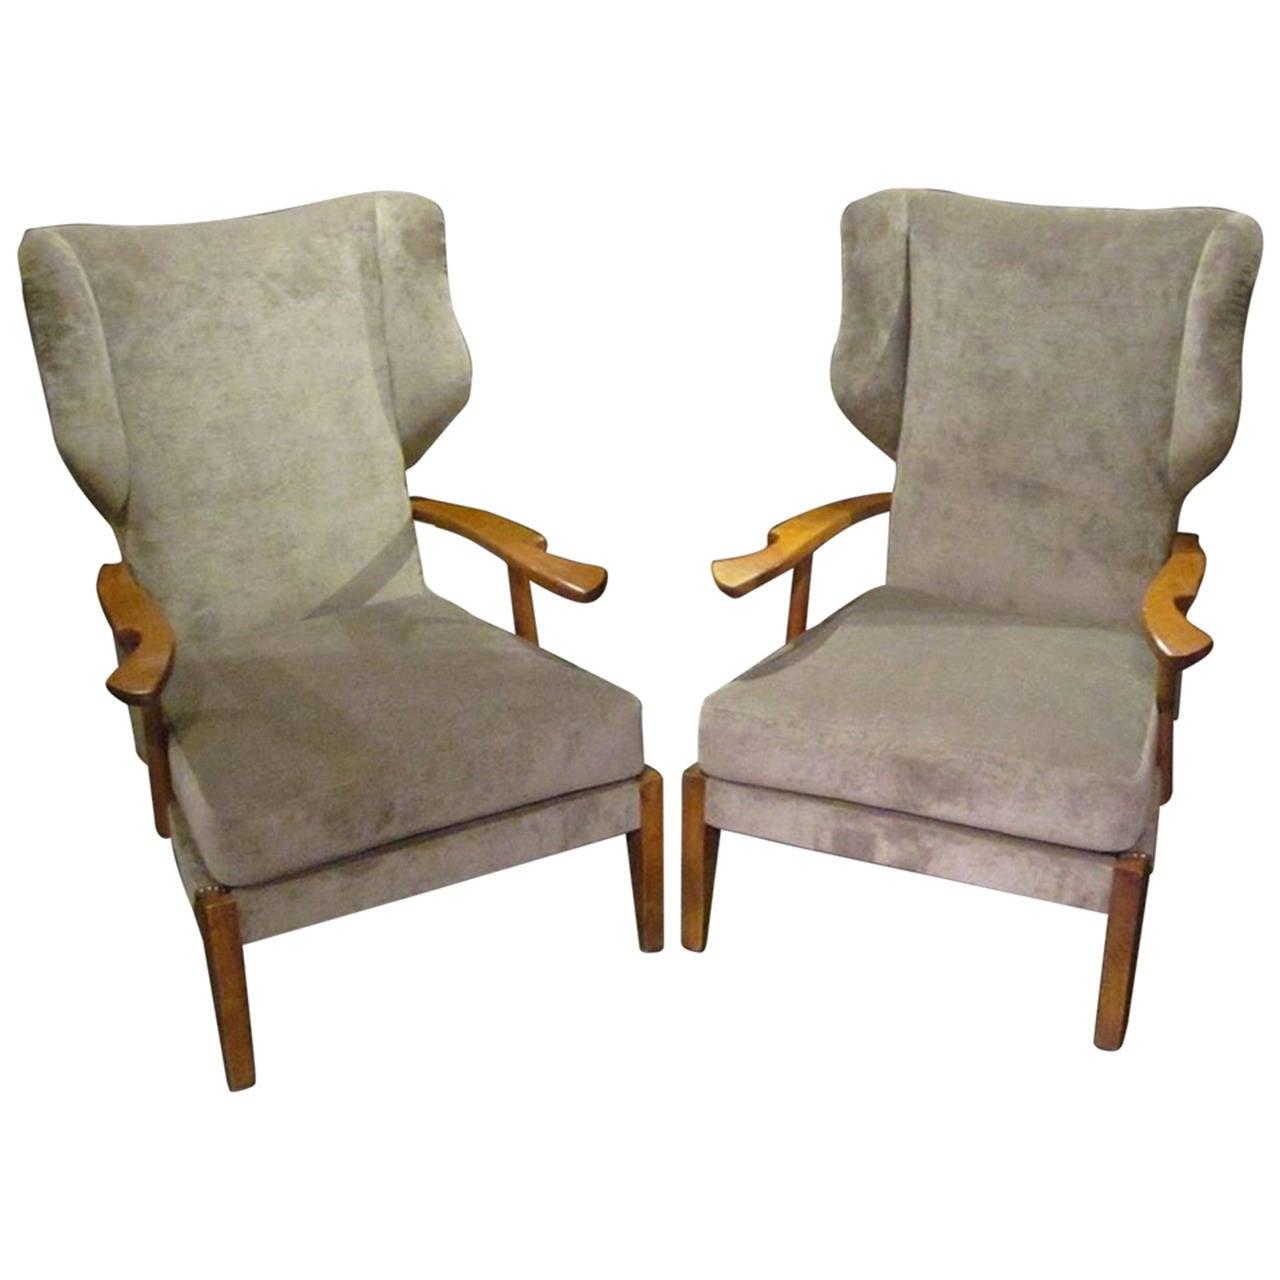 1960s Missoni Wingback Chair At 1stdibs: 1309372_l.jpeg